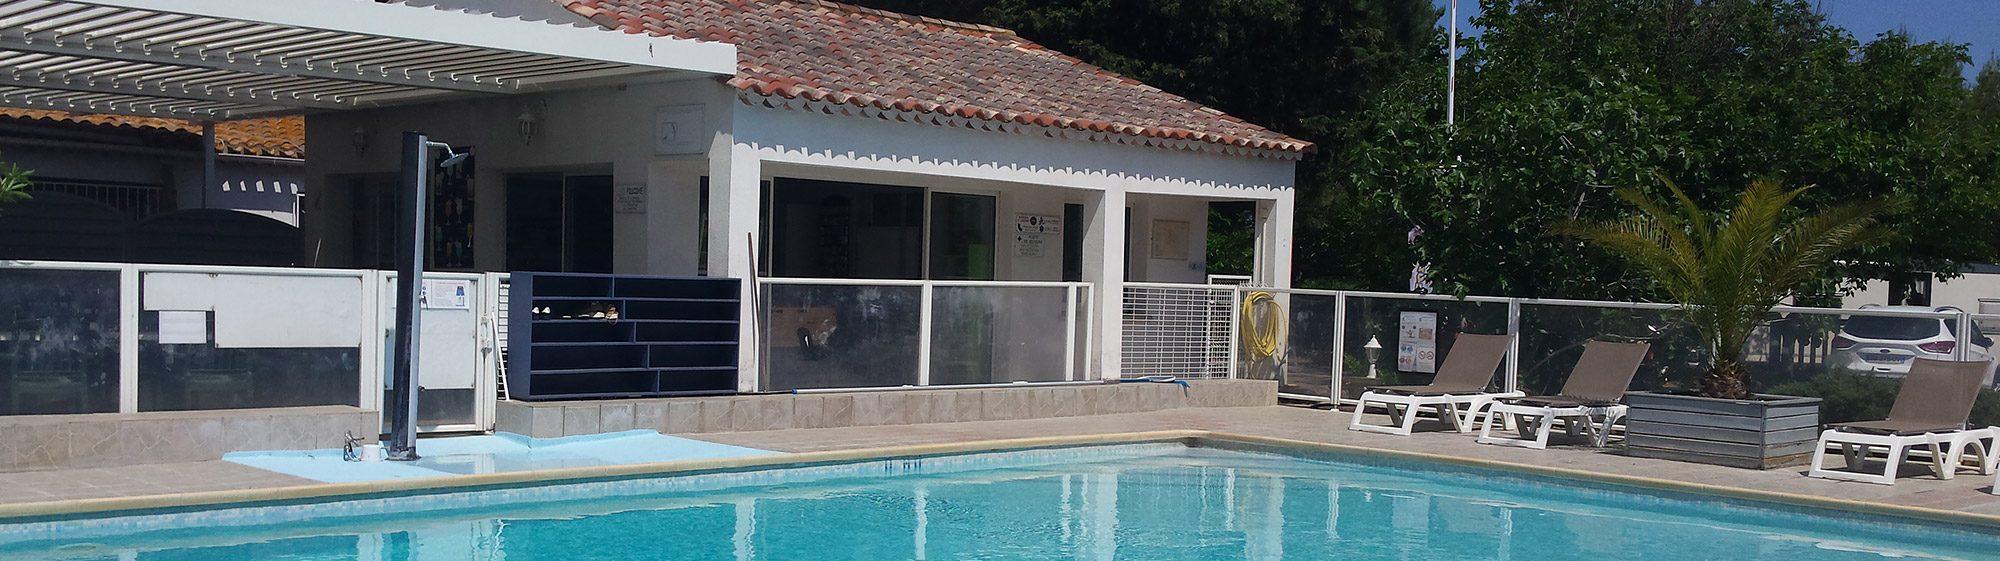 Activité piscine au Camping Les Roches d'Agde